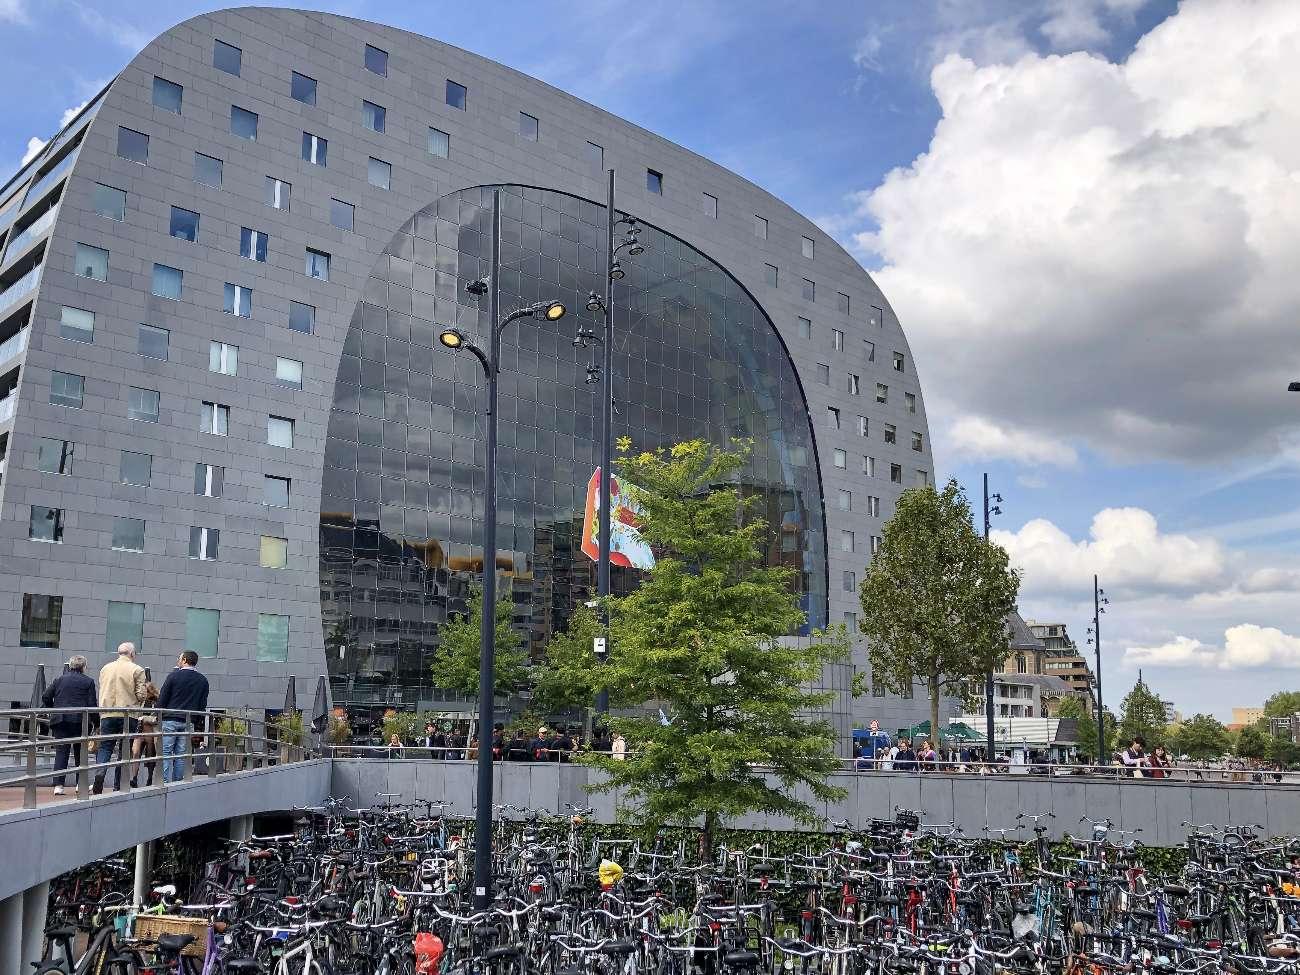 Die neue Markthalle von Rotterdam hat das Architekturbüro MVRDV entworfen.